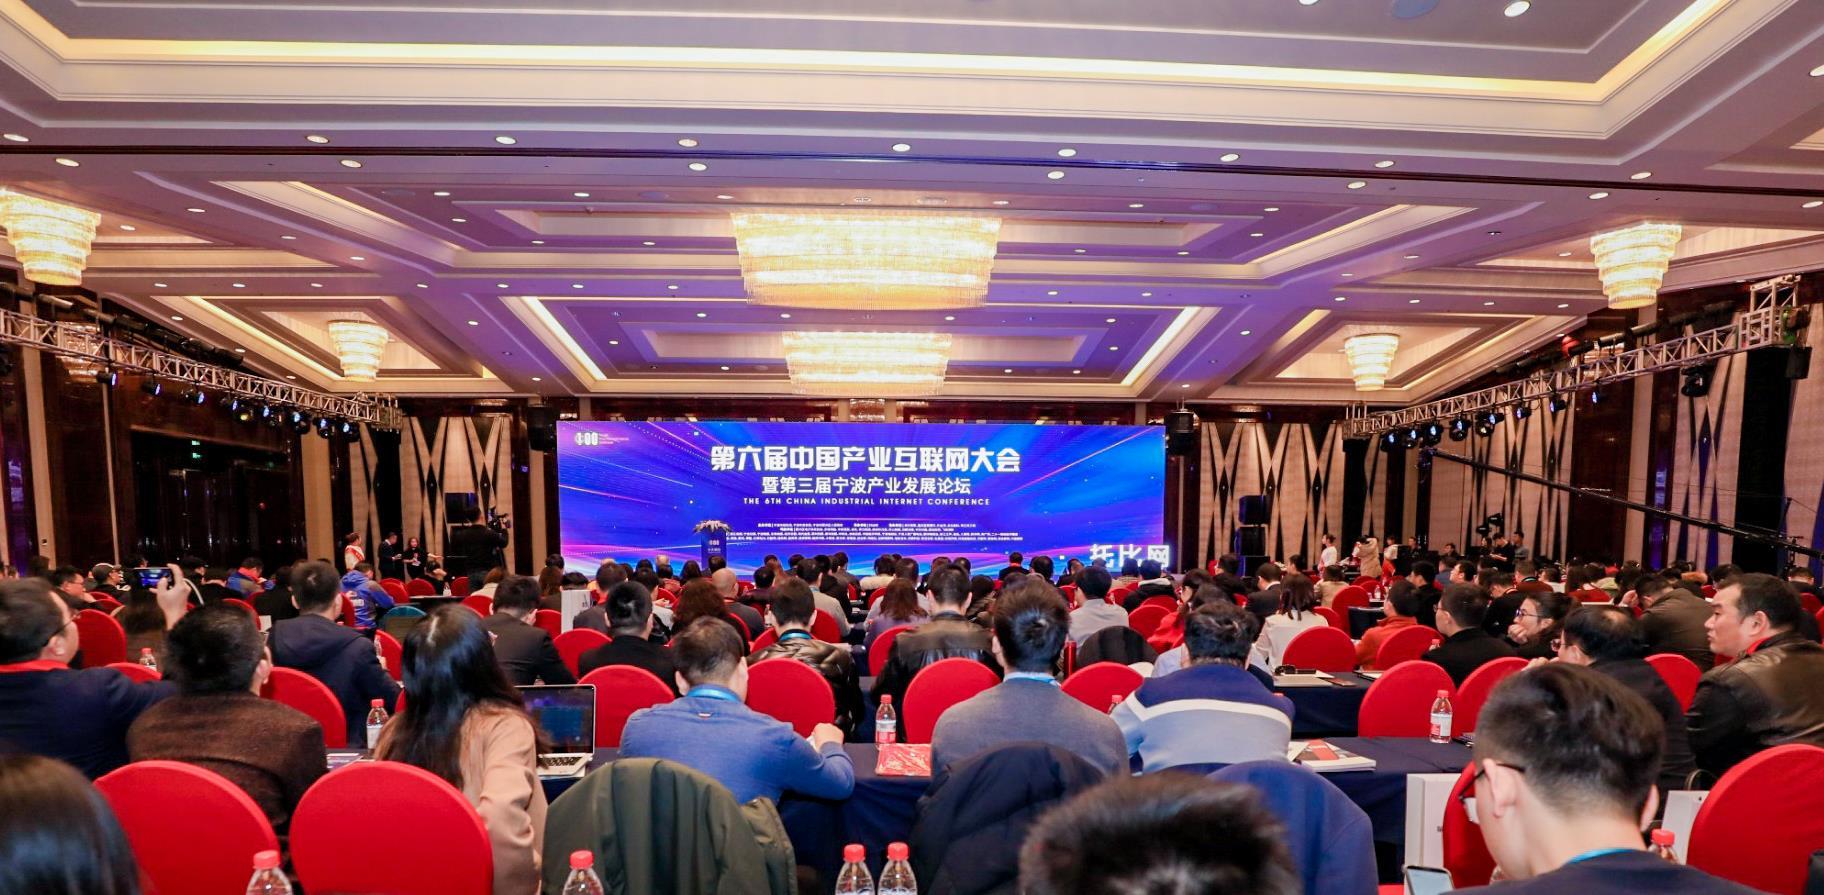 智慧能源旗下买卖宝入选2019中国产业互联网百强